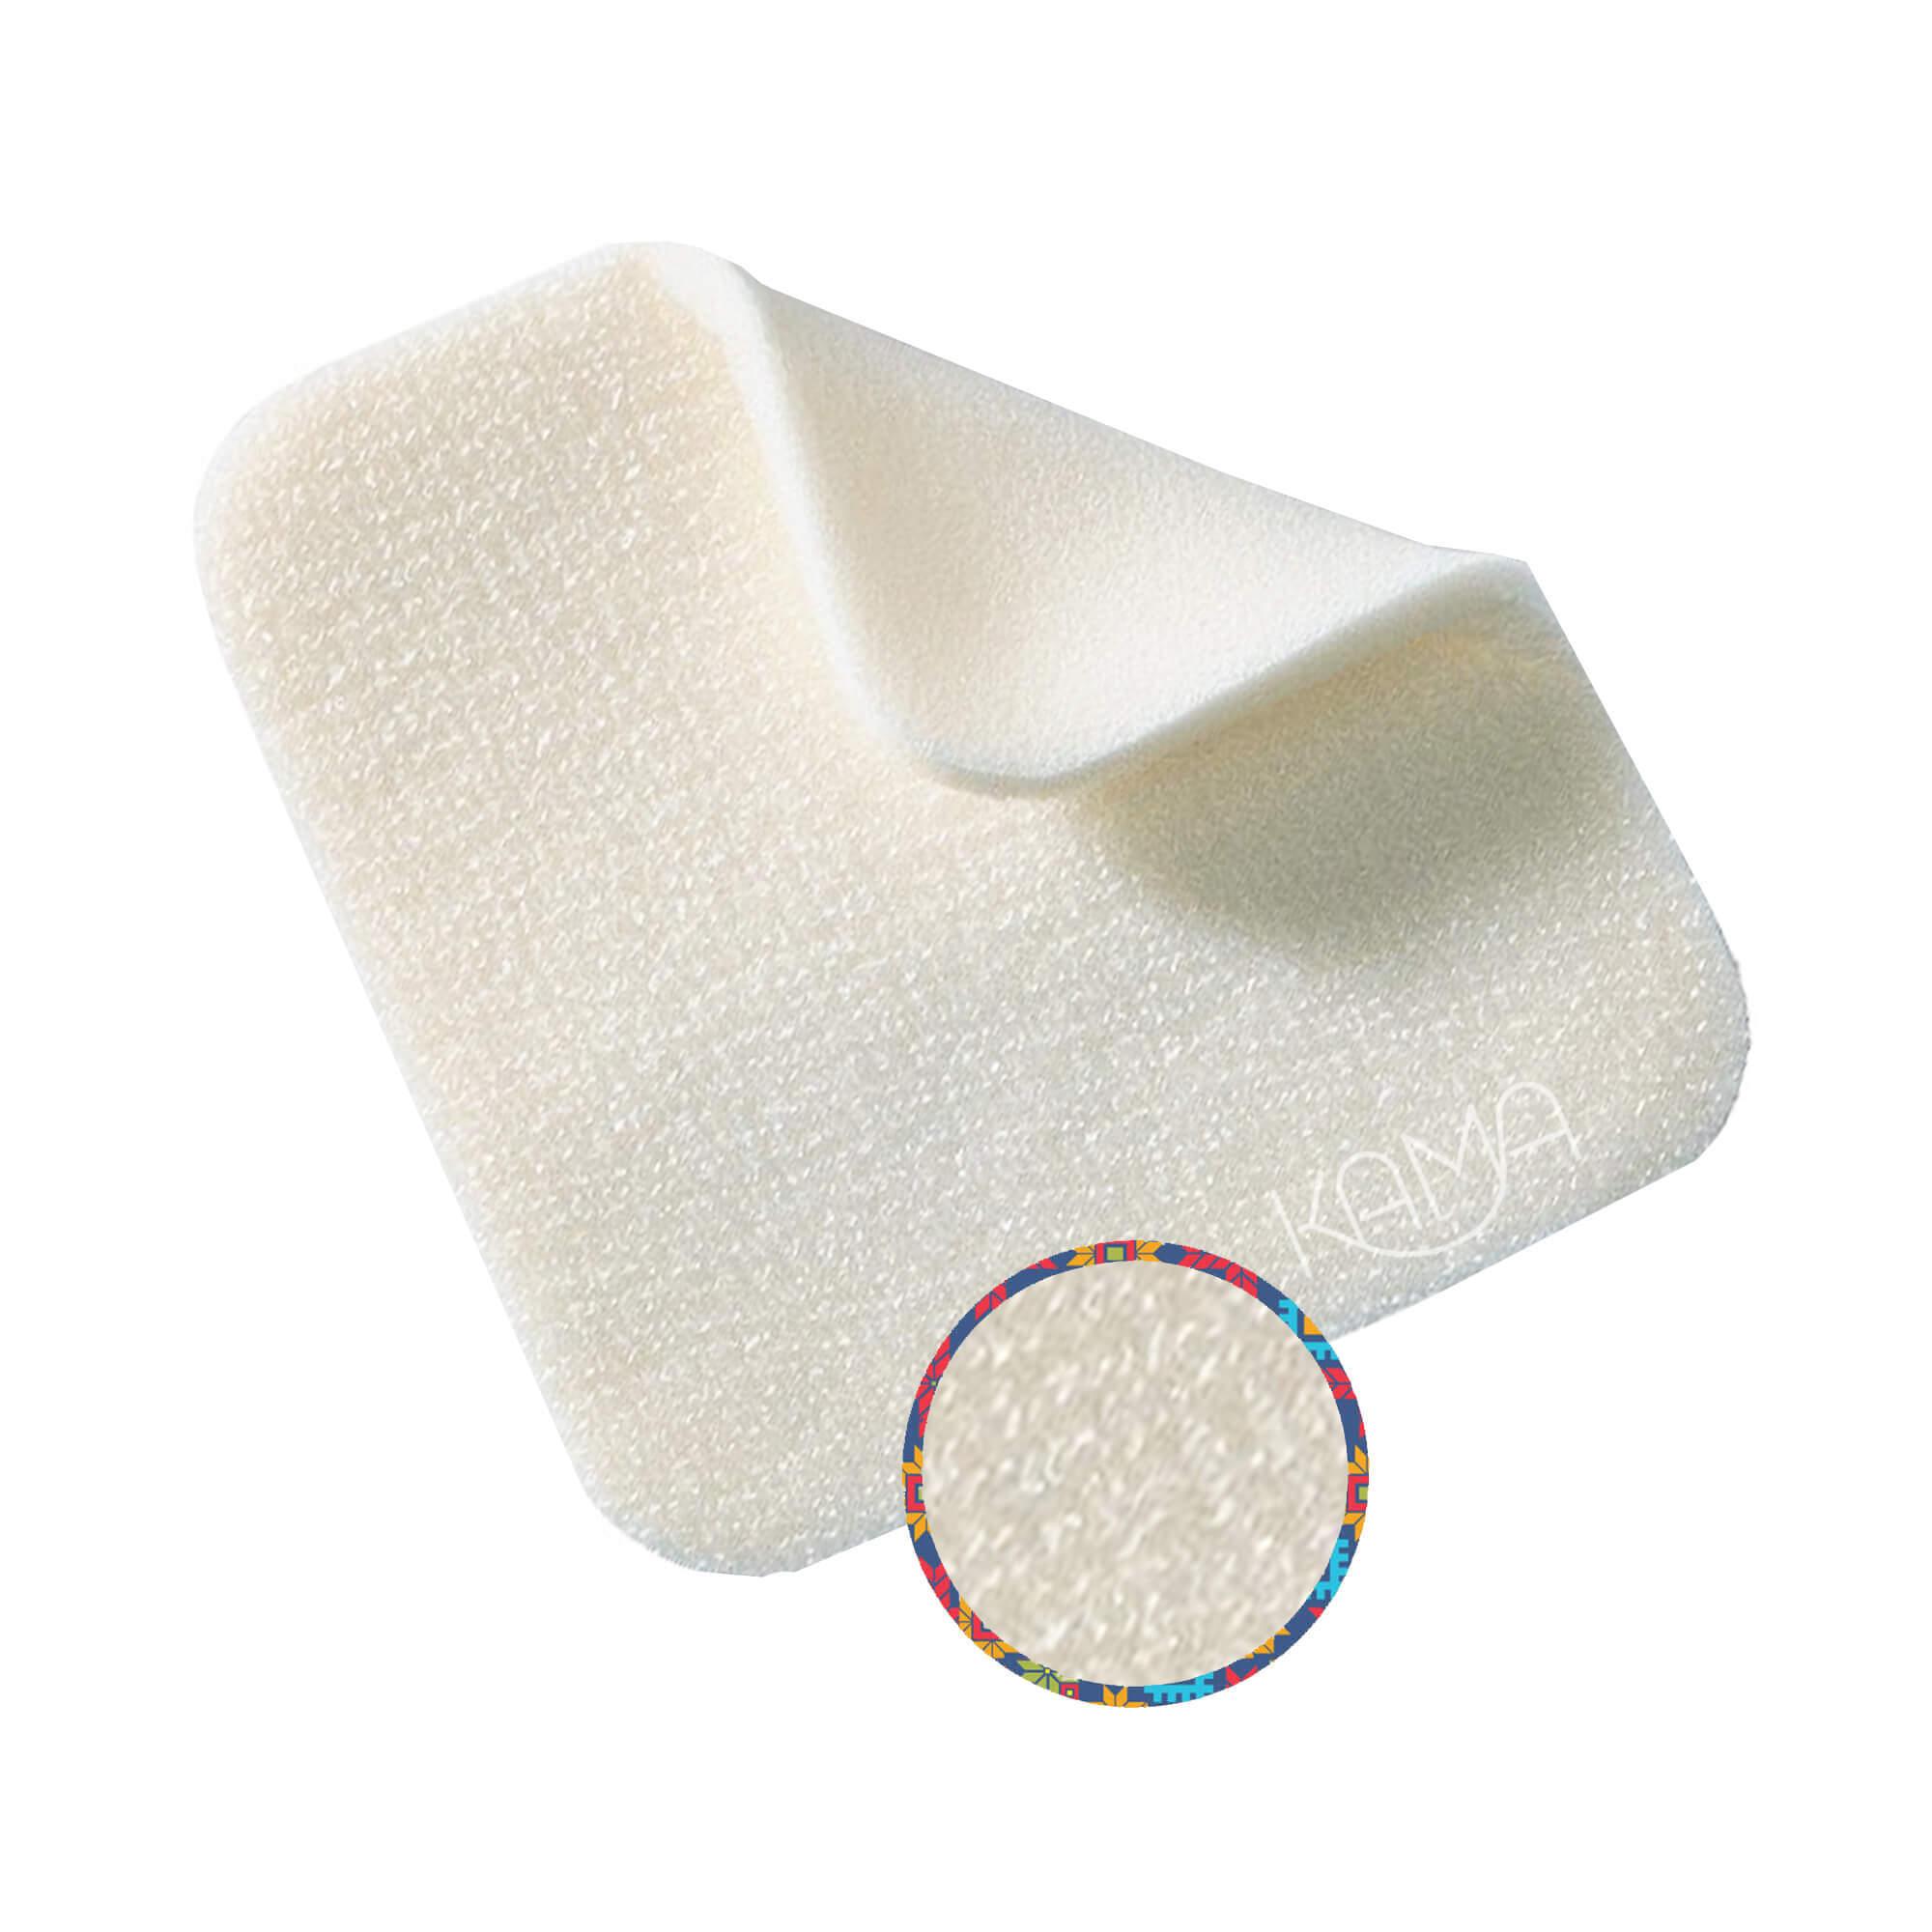 Повязка Мепилекс с силиконом 10х10 см